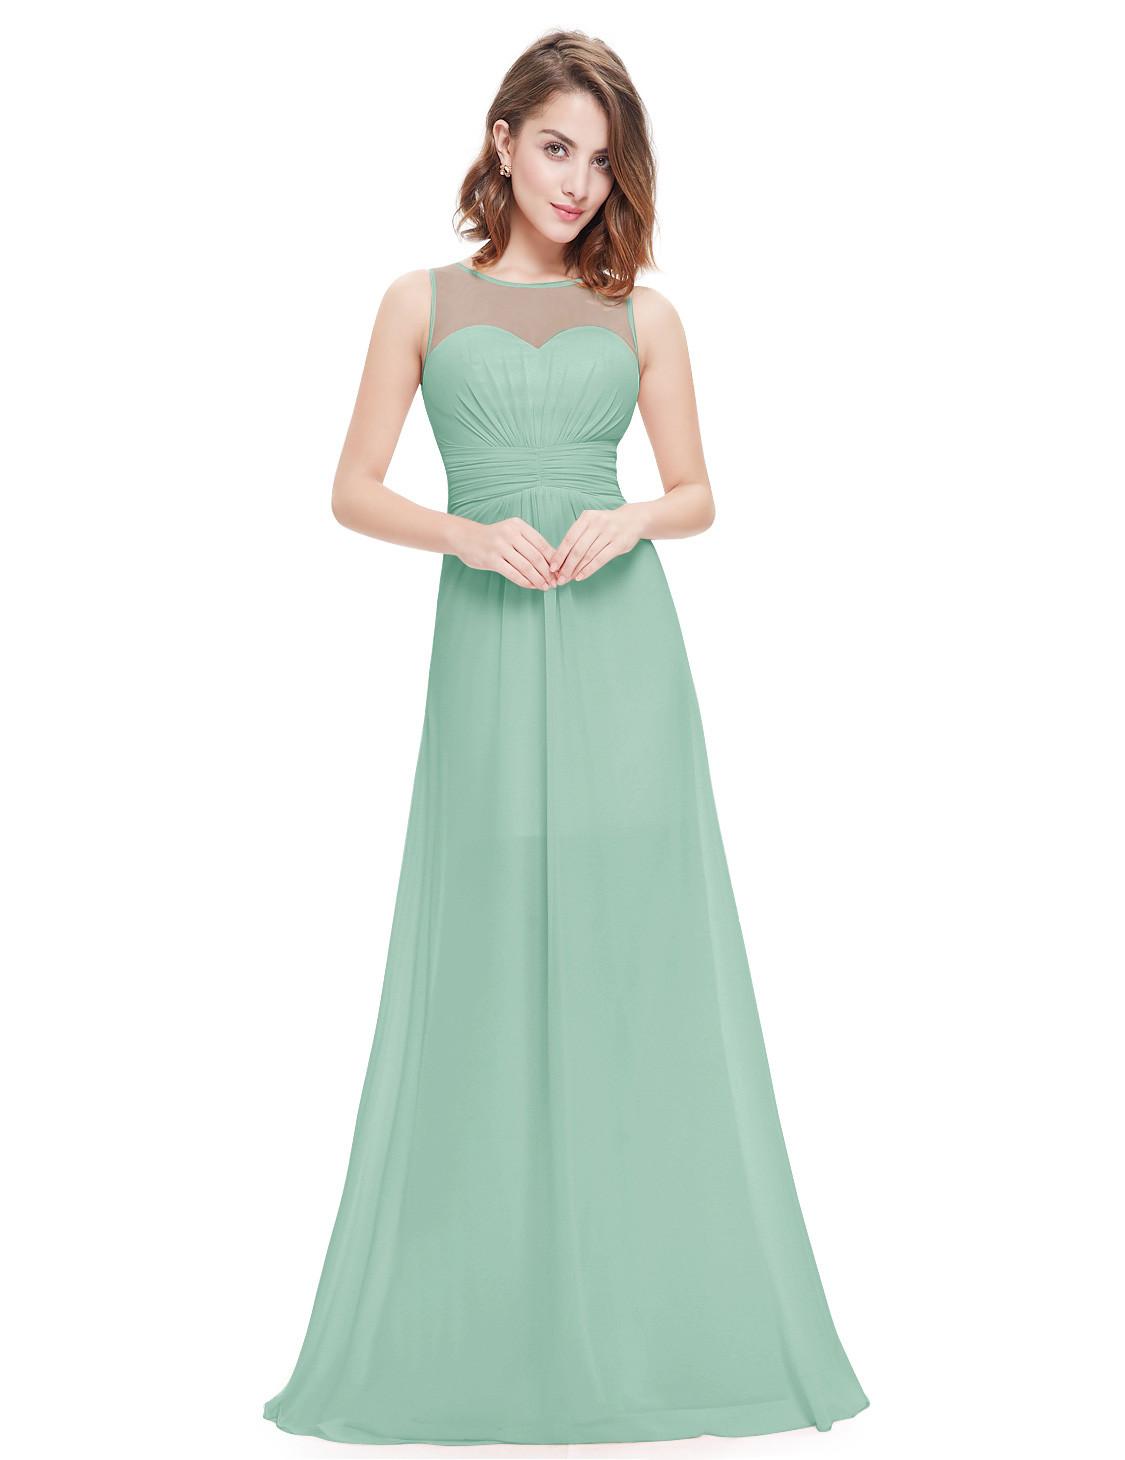 Sage Green Sweetheart Sheer Lace Bridesmaid Dress Long